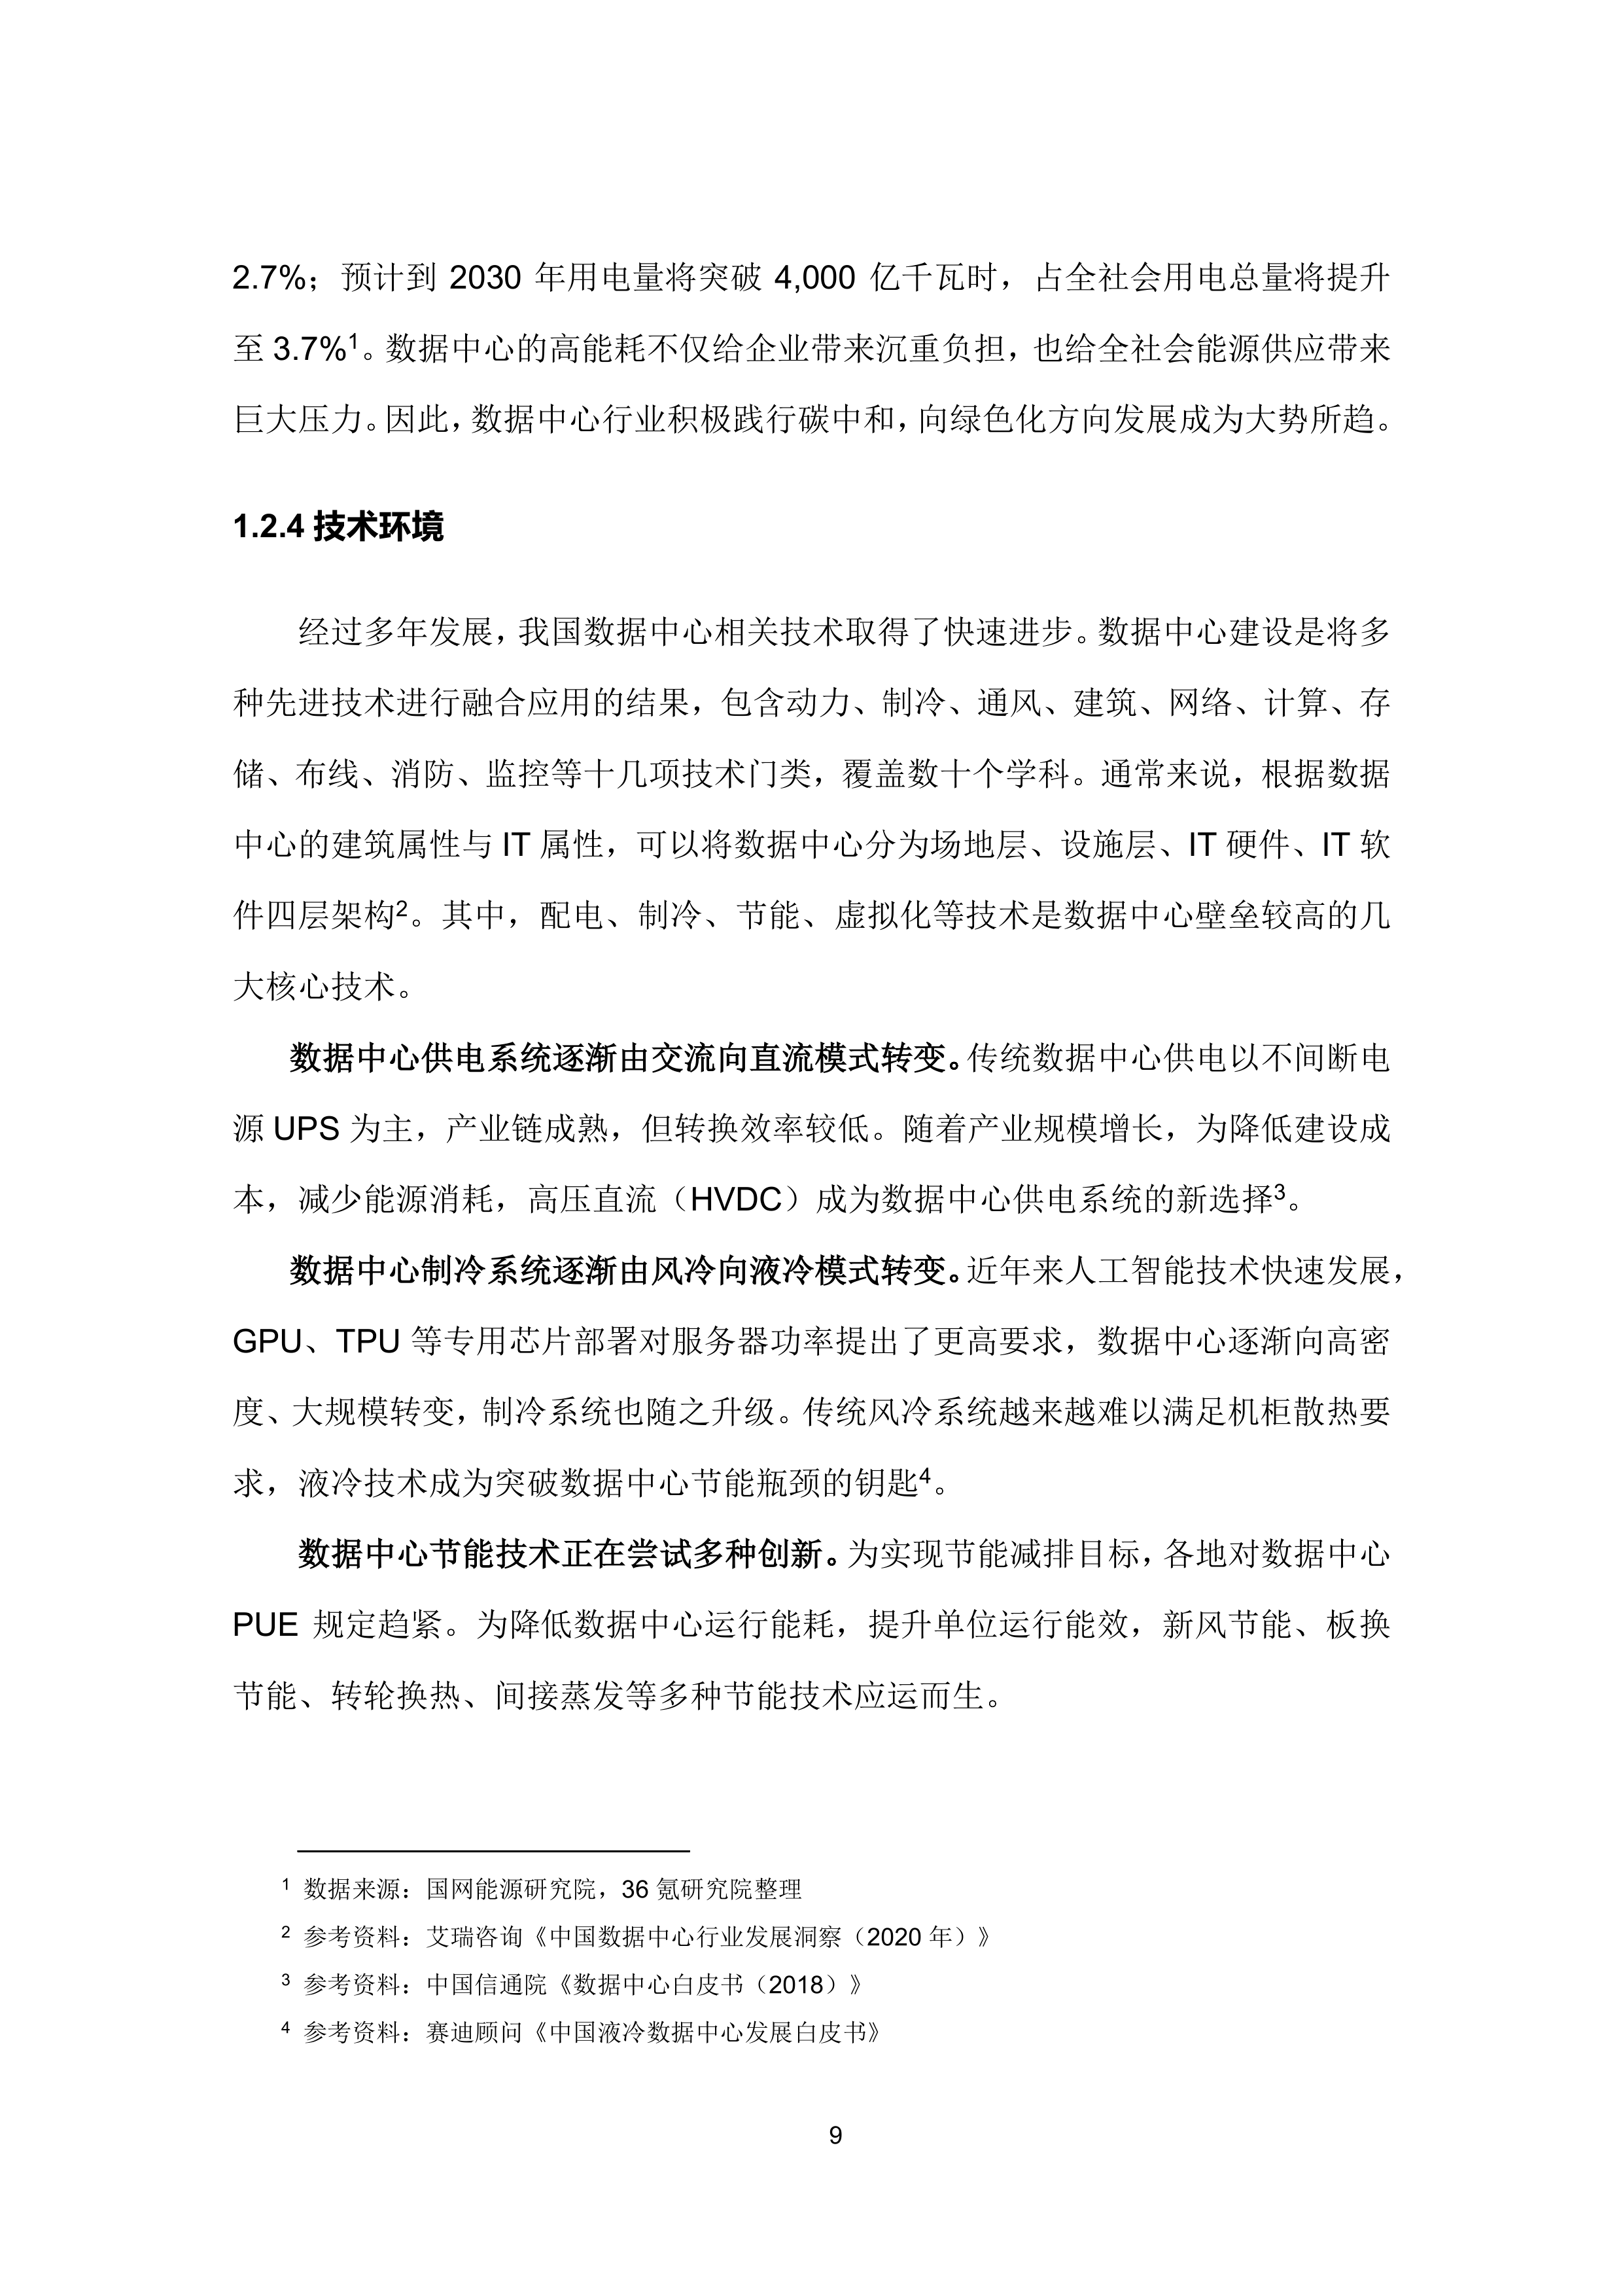 36氪研究院 - 新基建系列之:2020年中国城市数据中心发展指数报告-大菠萝官网(图20)